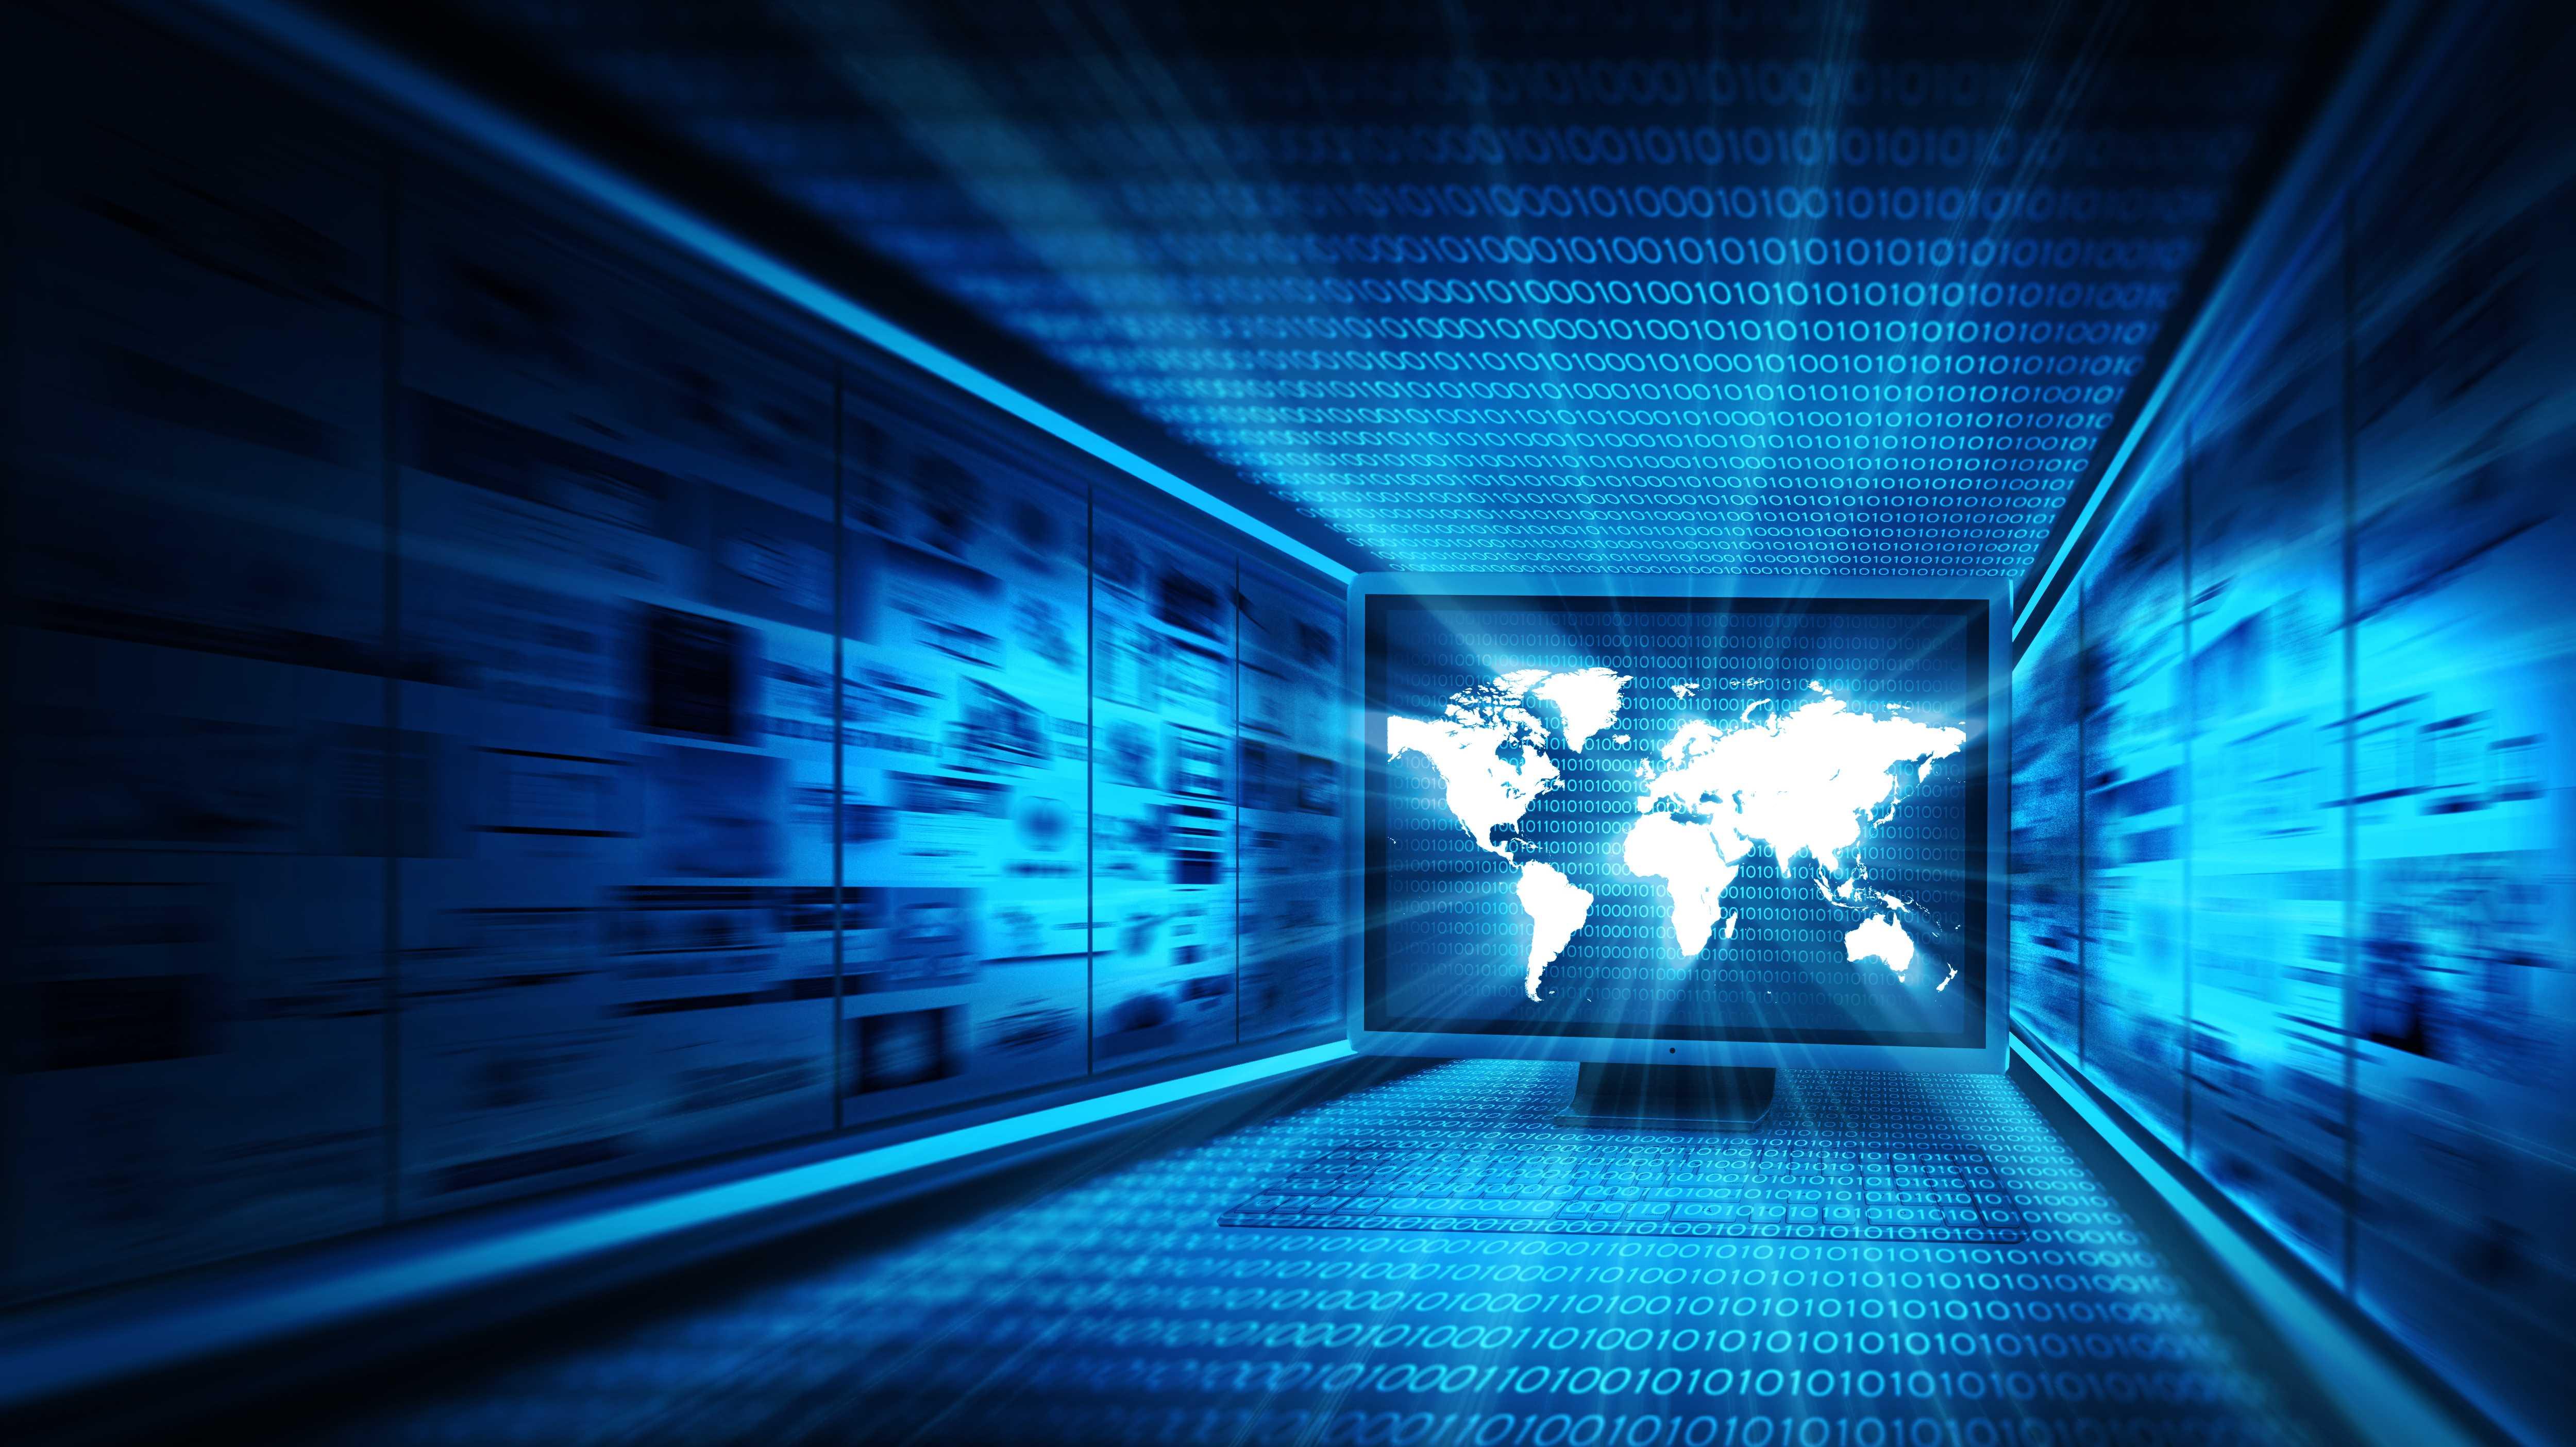 Zoho startet mit Catalyst eine eigene Plattform für Serverless Computing